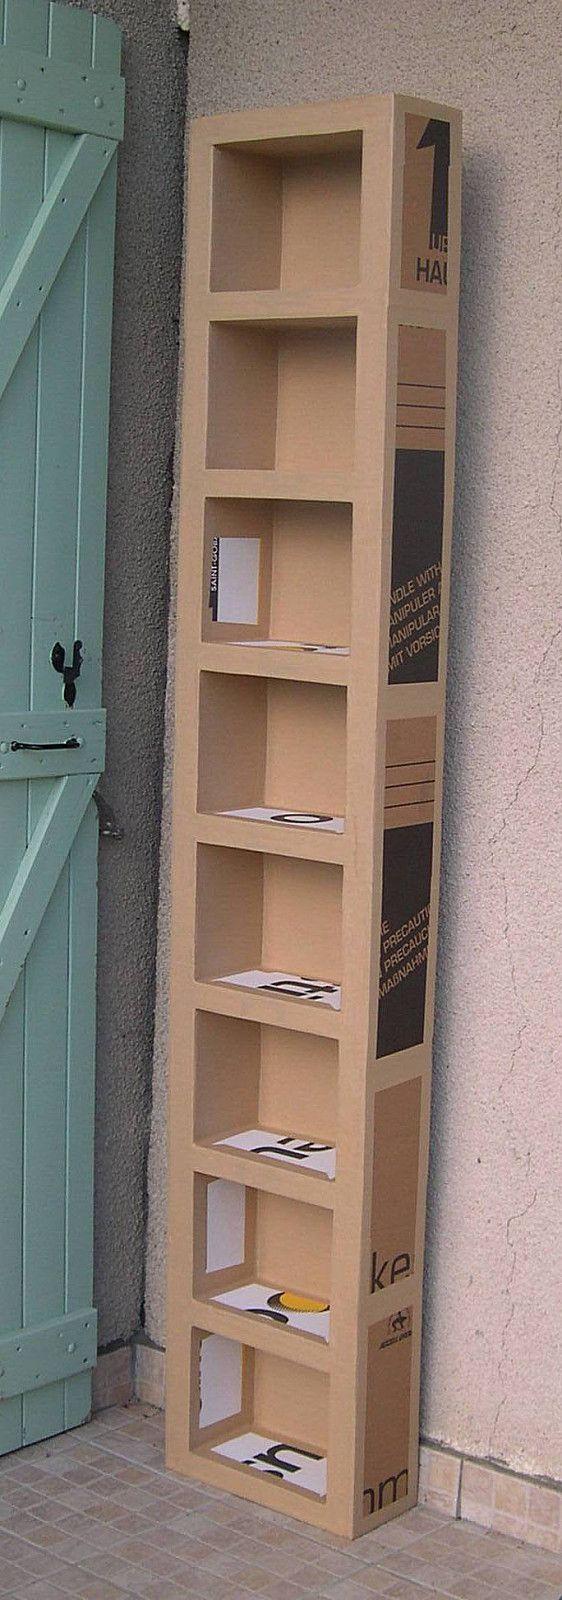 biblioteque en carton